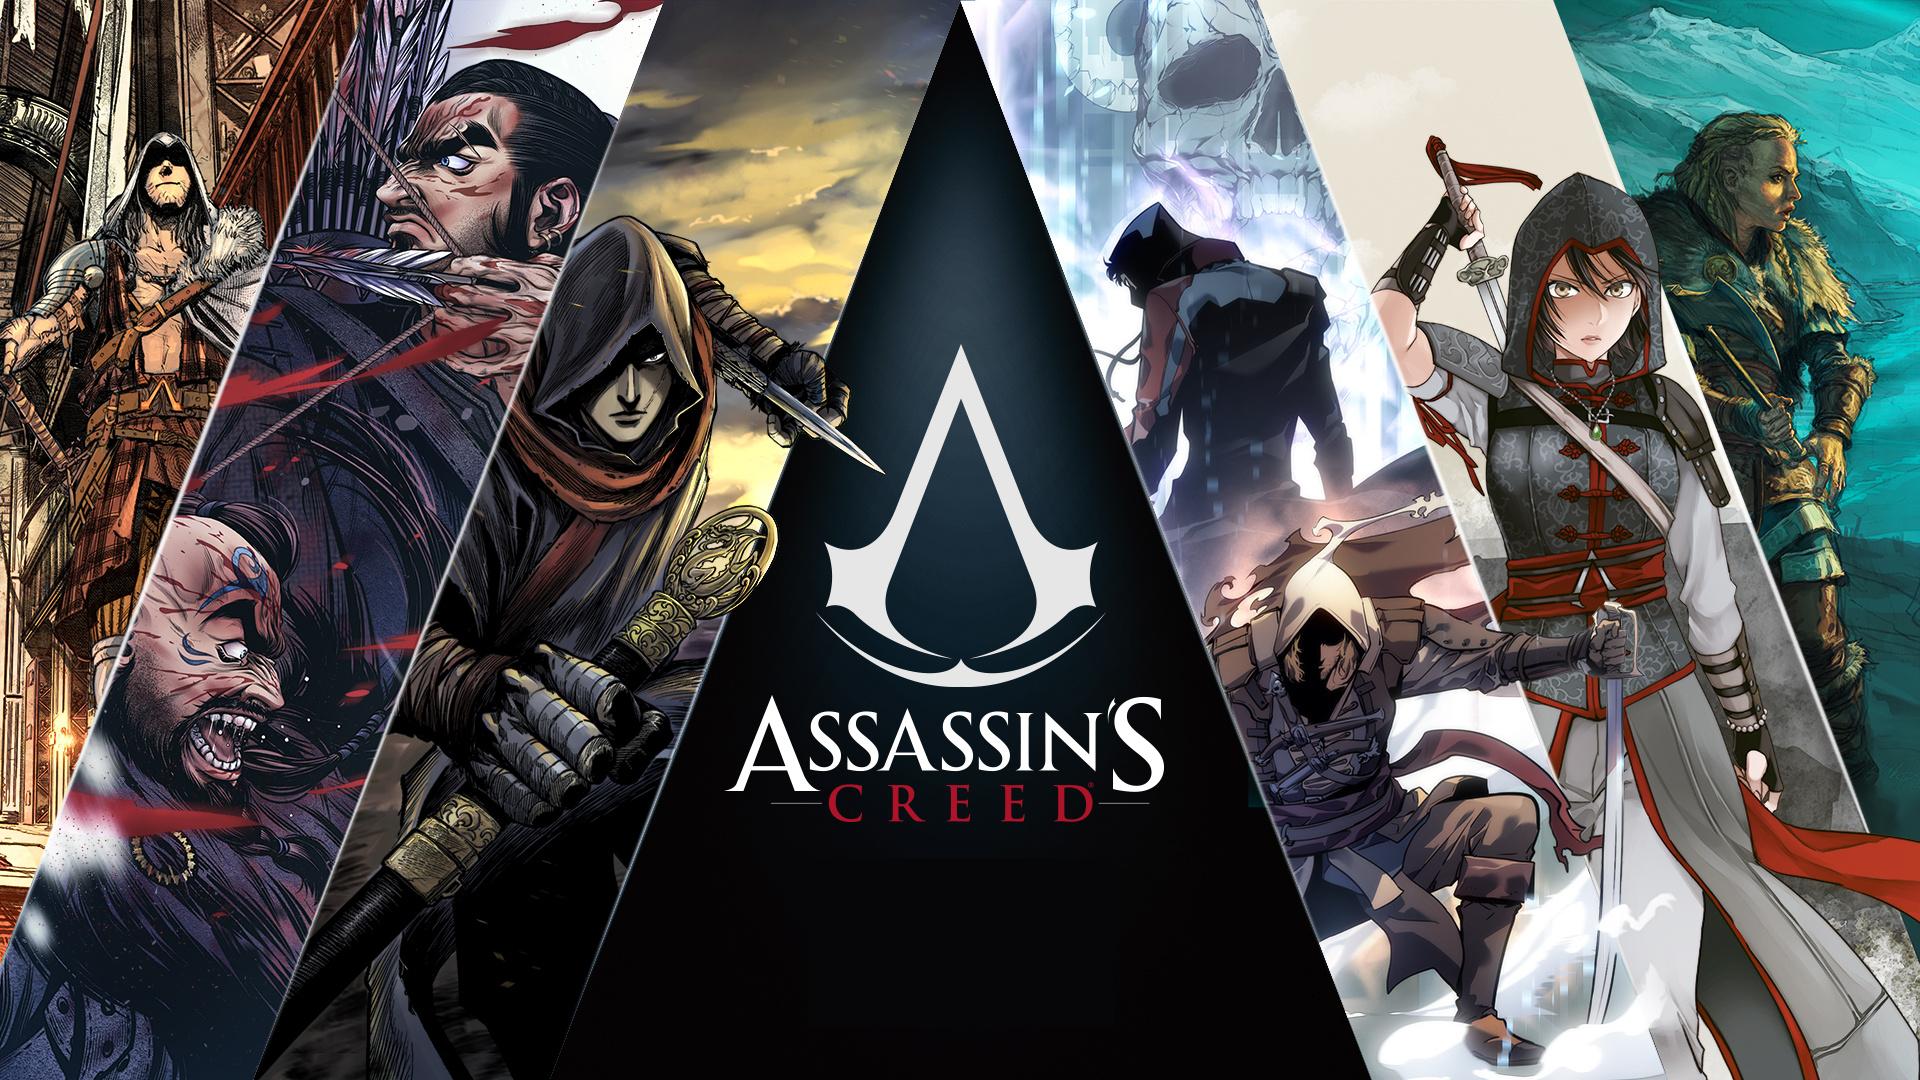 У произведений по Assassin's Creed появились классификации